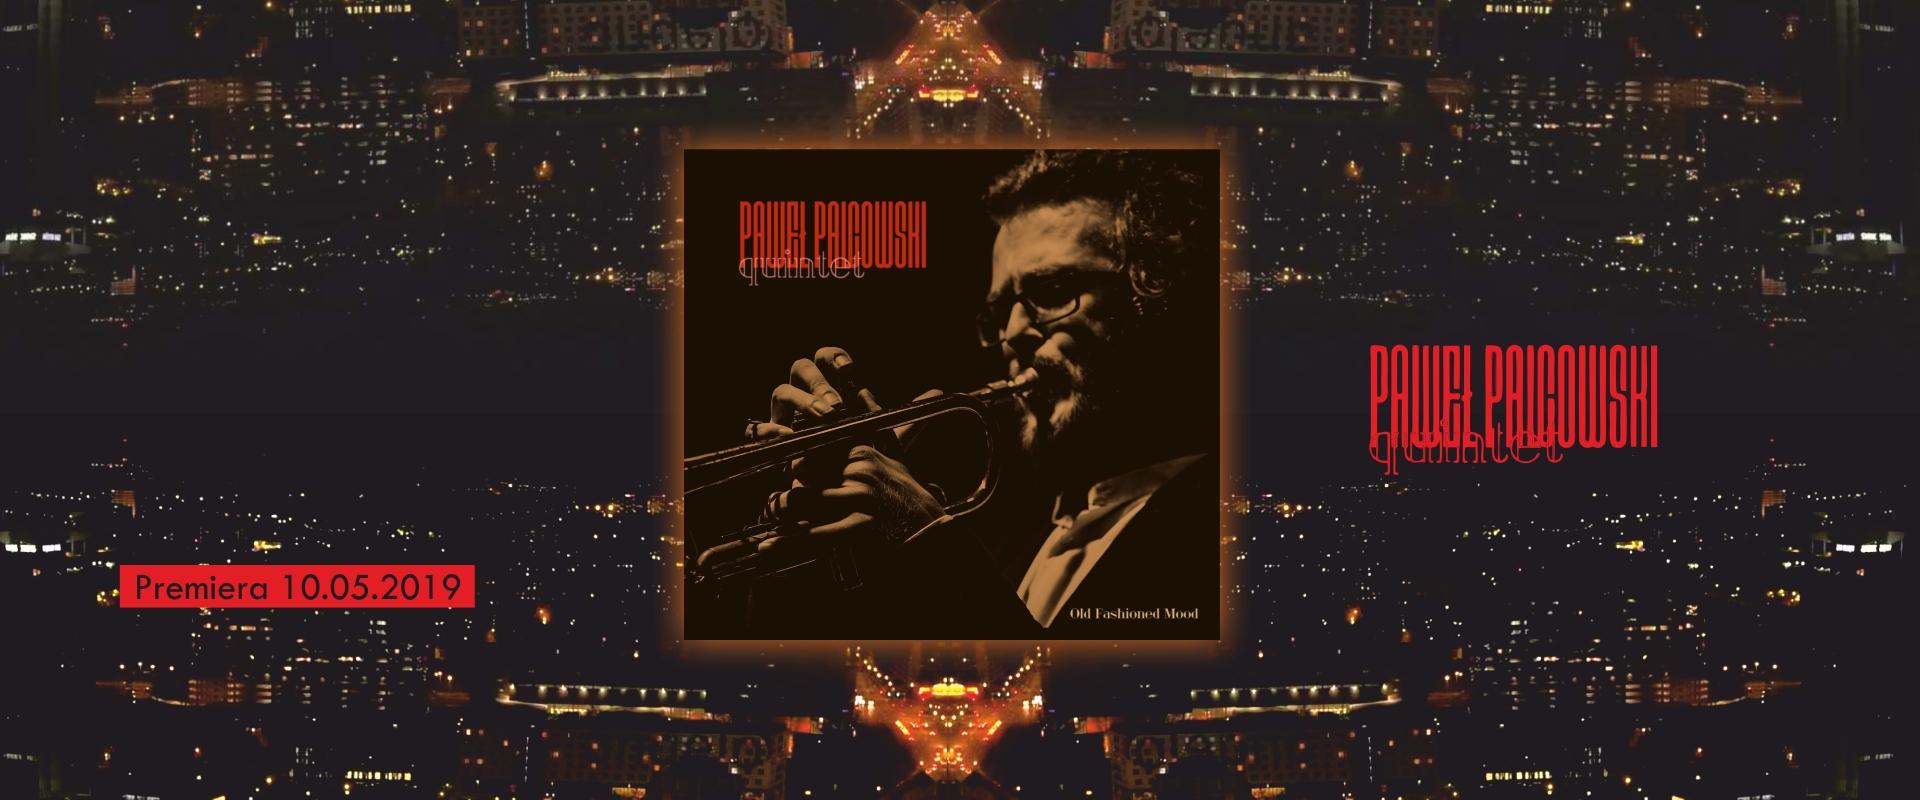 Paweł Palcowski Quintet - Old Fashioned Mood slide